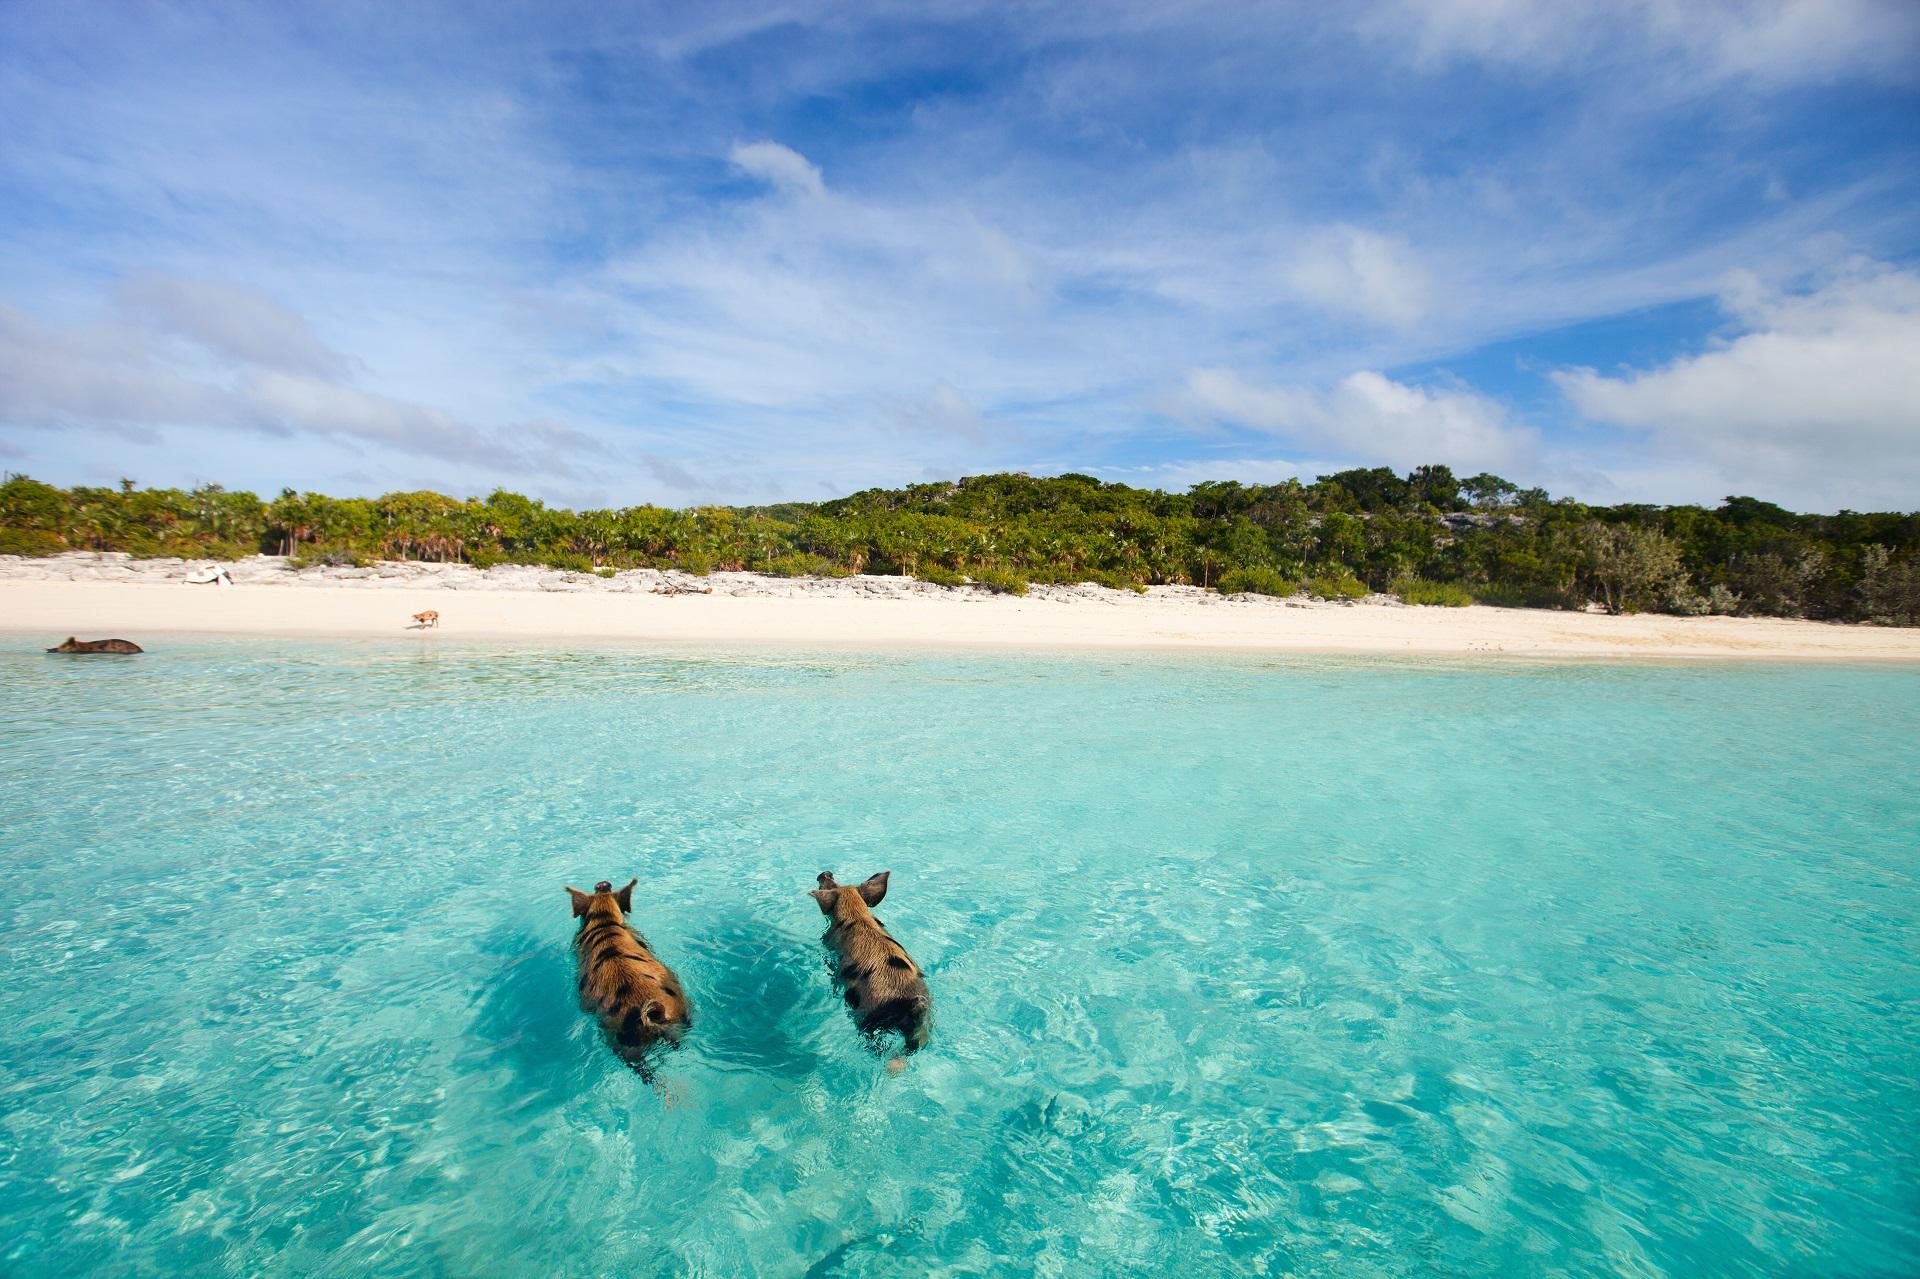 Schwimmen mit den schweinen Top 5 most beautiful islands in the world